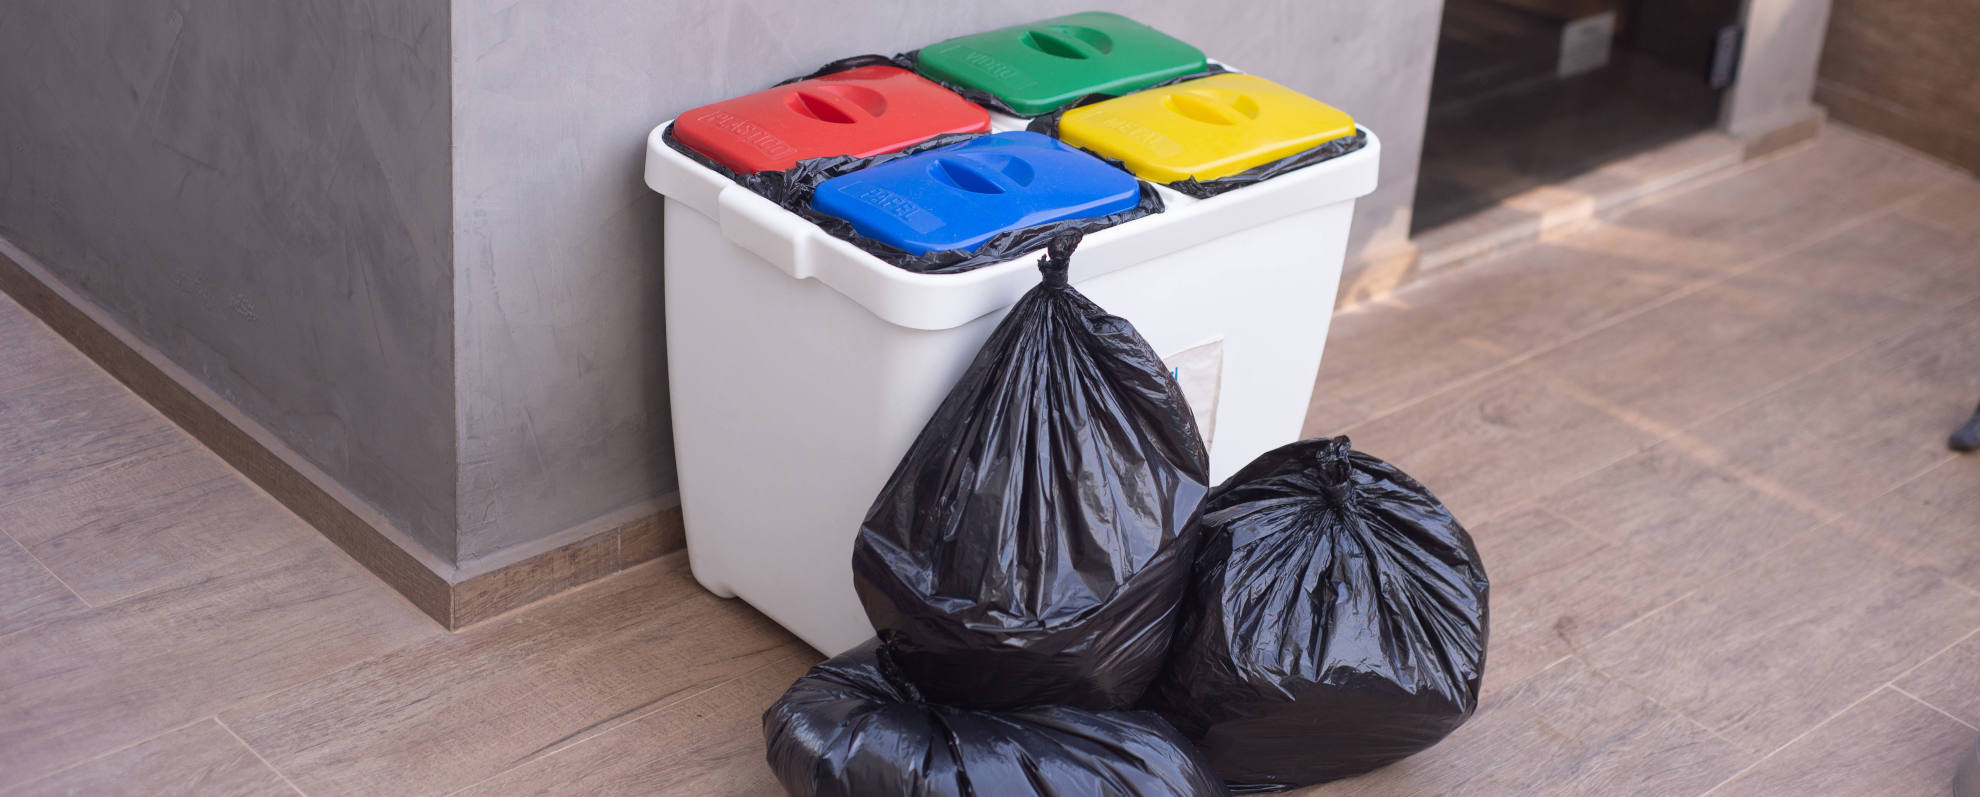 Bolsas para residuos en rollo